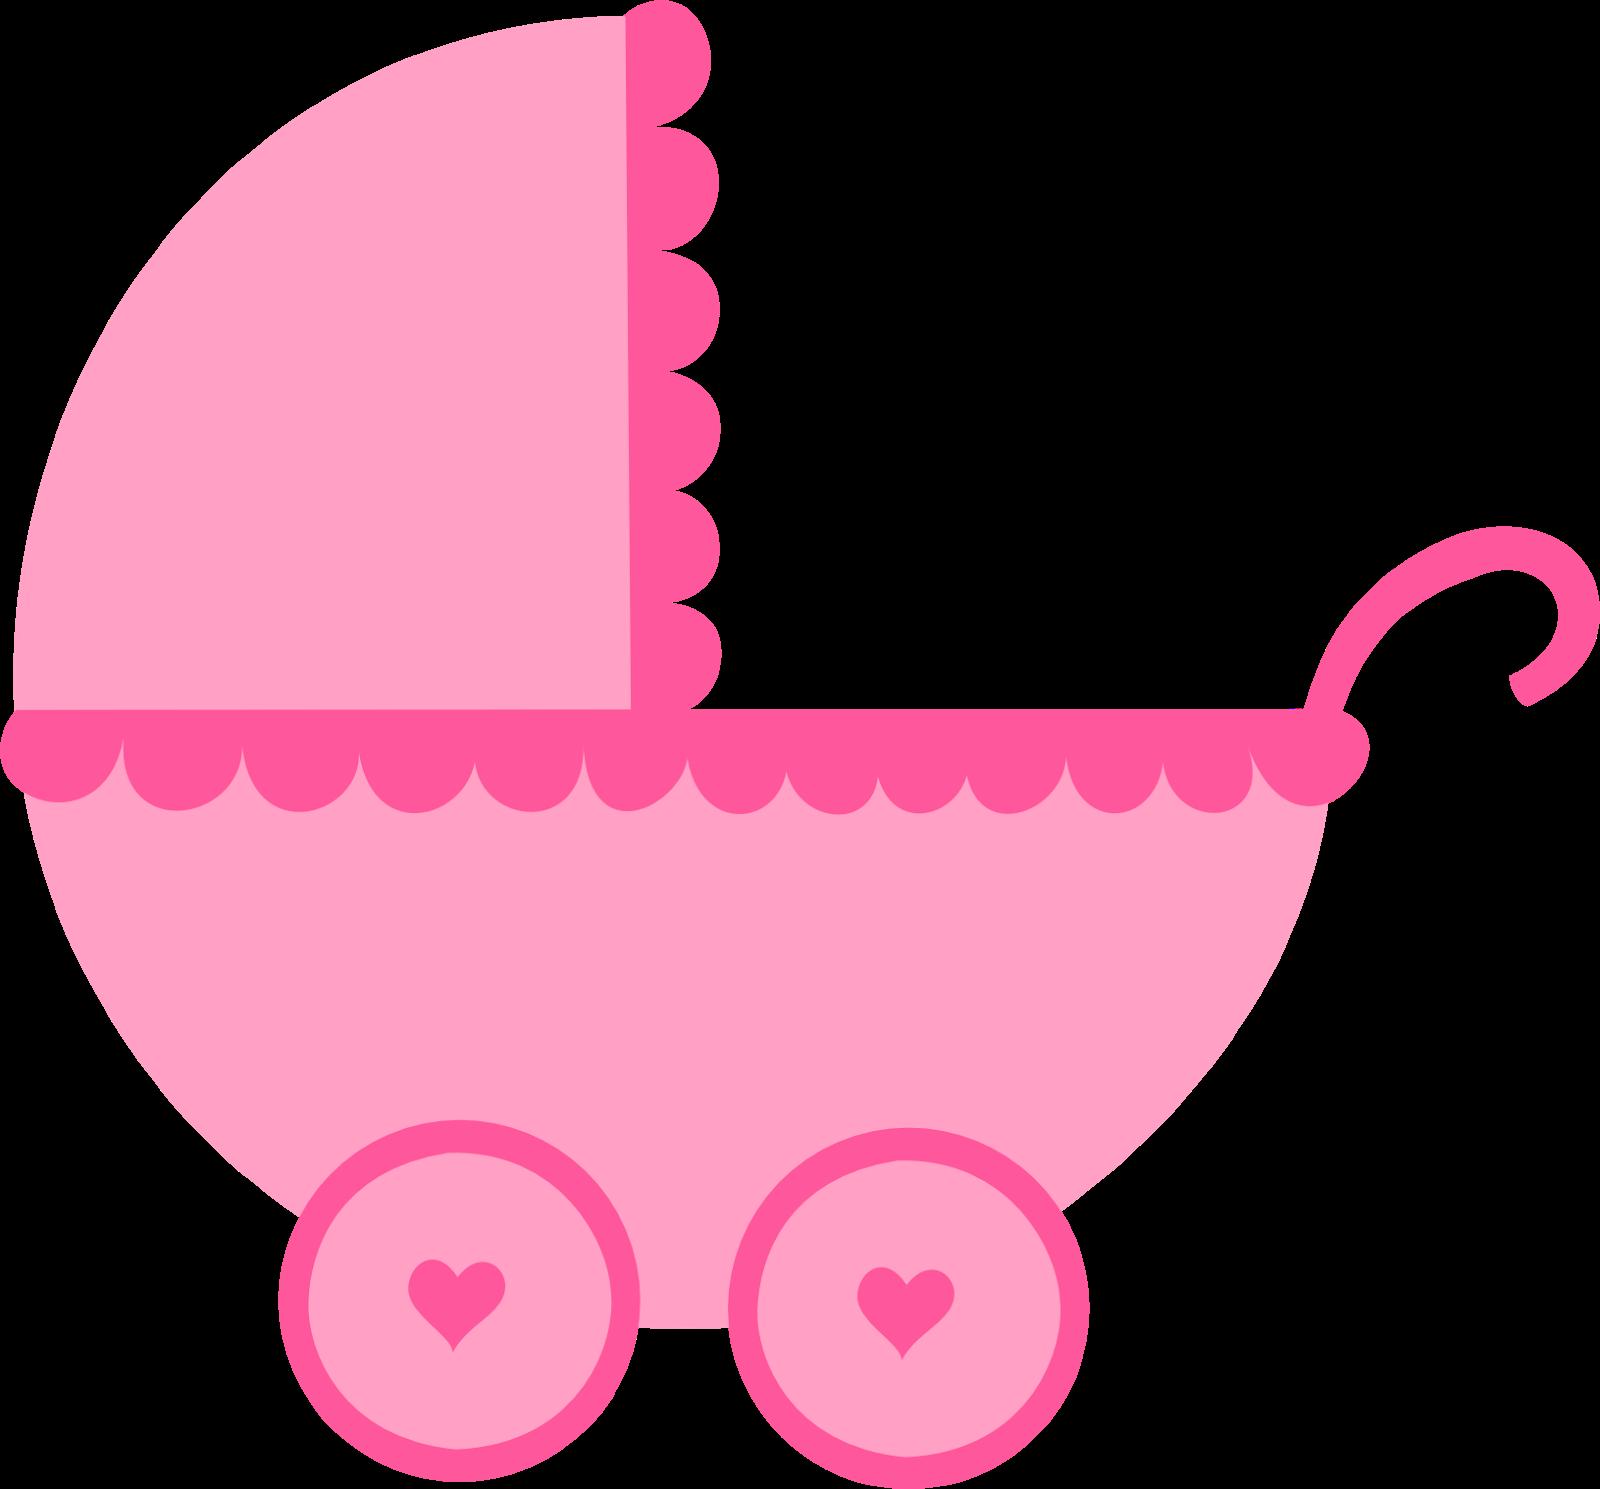 carrinho 1600 1489 baby element pinterest carrinho de beb carrinhos e beb s. Black Bedroom Furniture Sets. Home Design Ideas